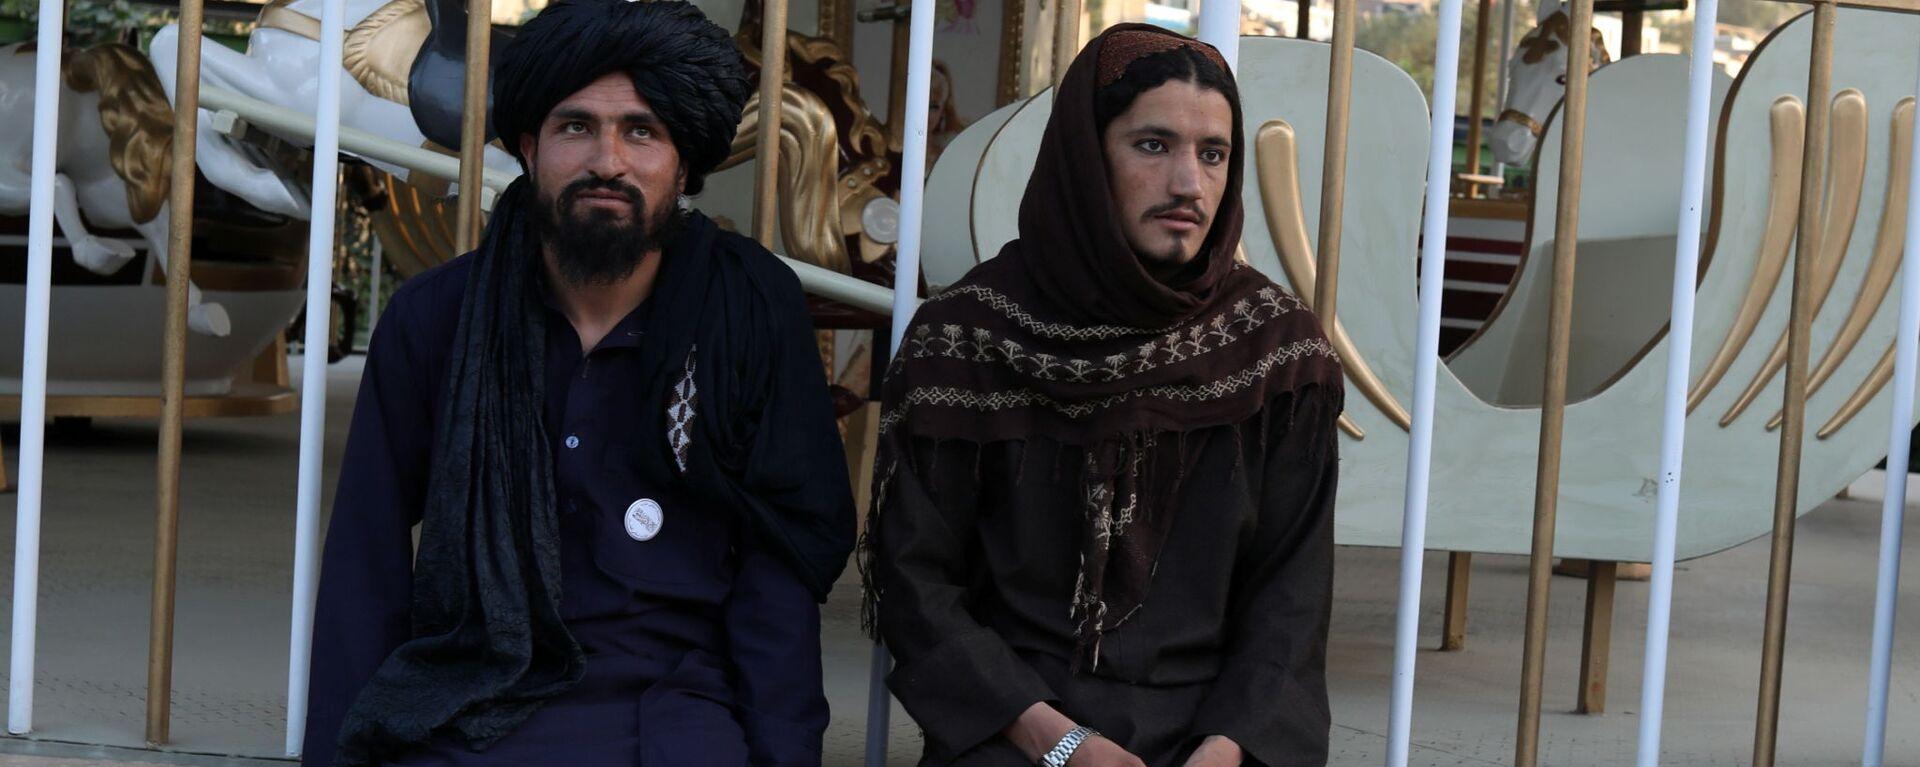 Бойцы Талибана* в парке развлечений в Кабуле - Sputnik Тоҷикистон, 1920, 21.09.2021